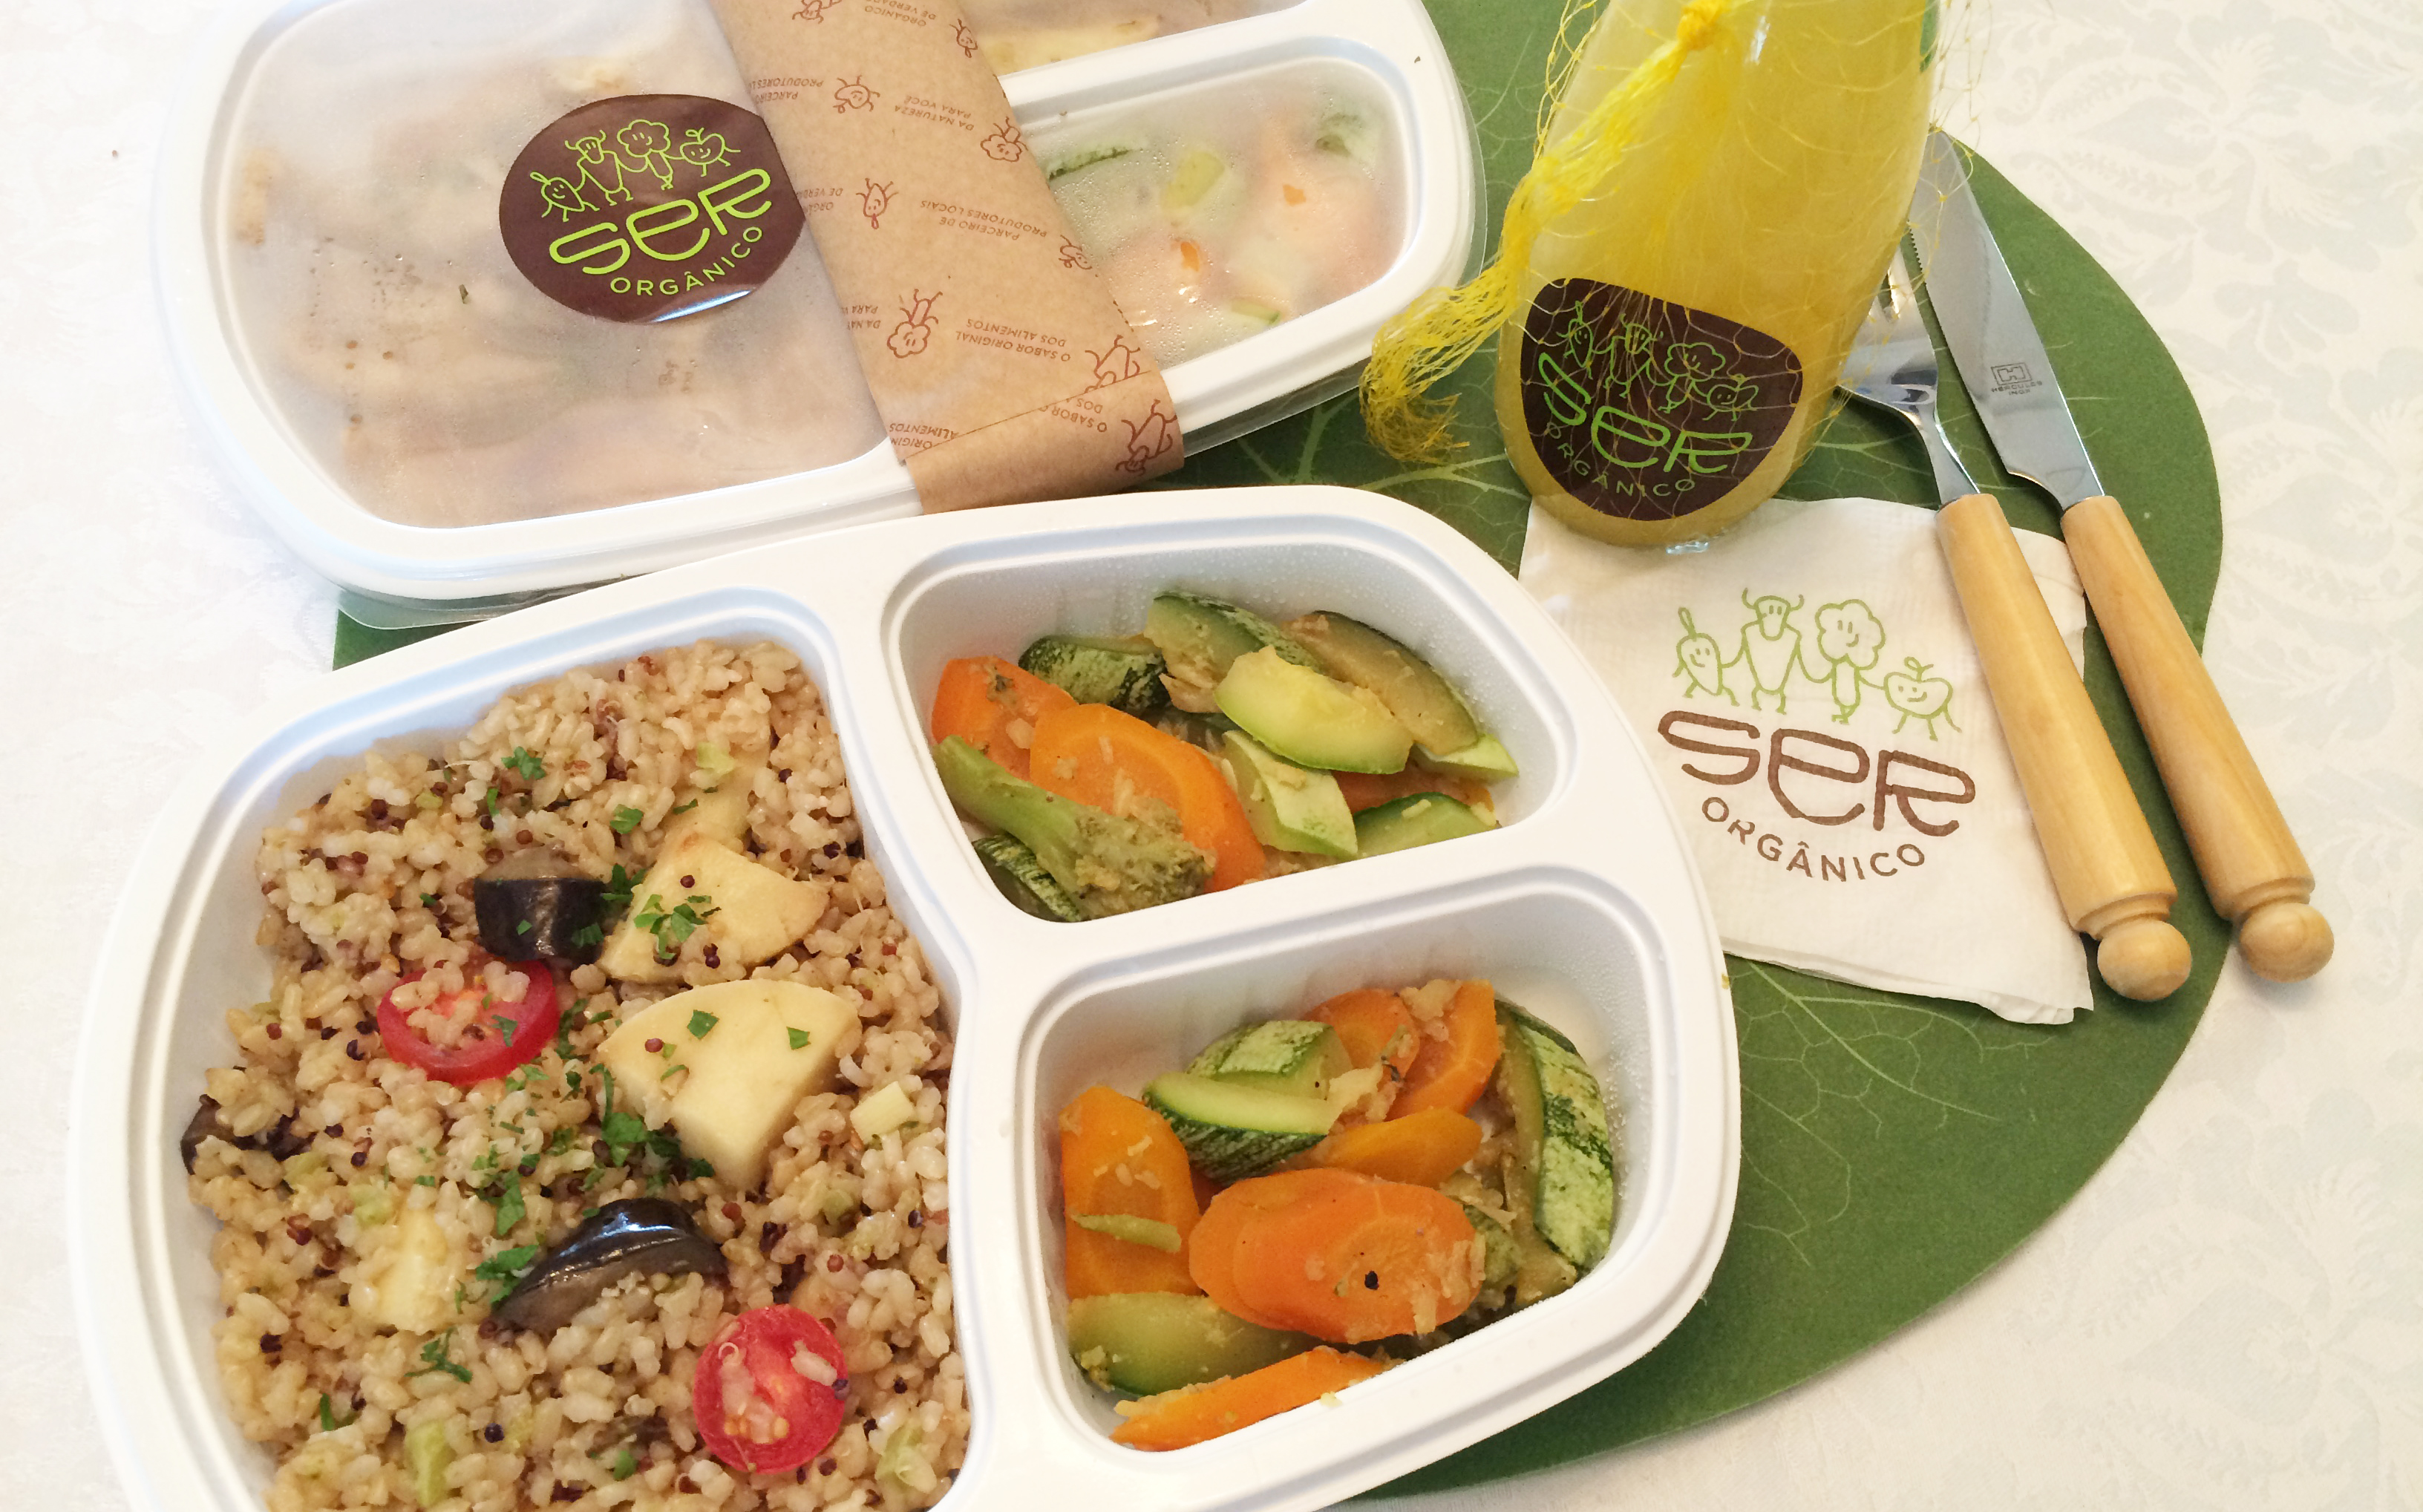 ser-organico-saudavel-restaurante-centro-deivery-entrega-rio-de-janeiro